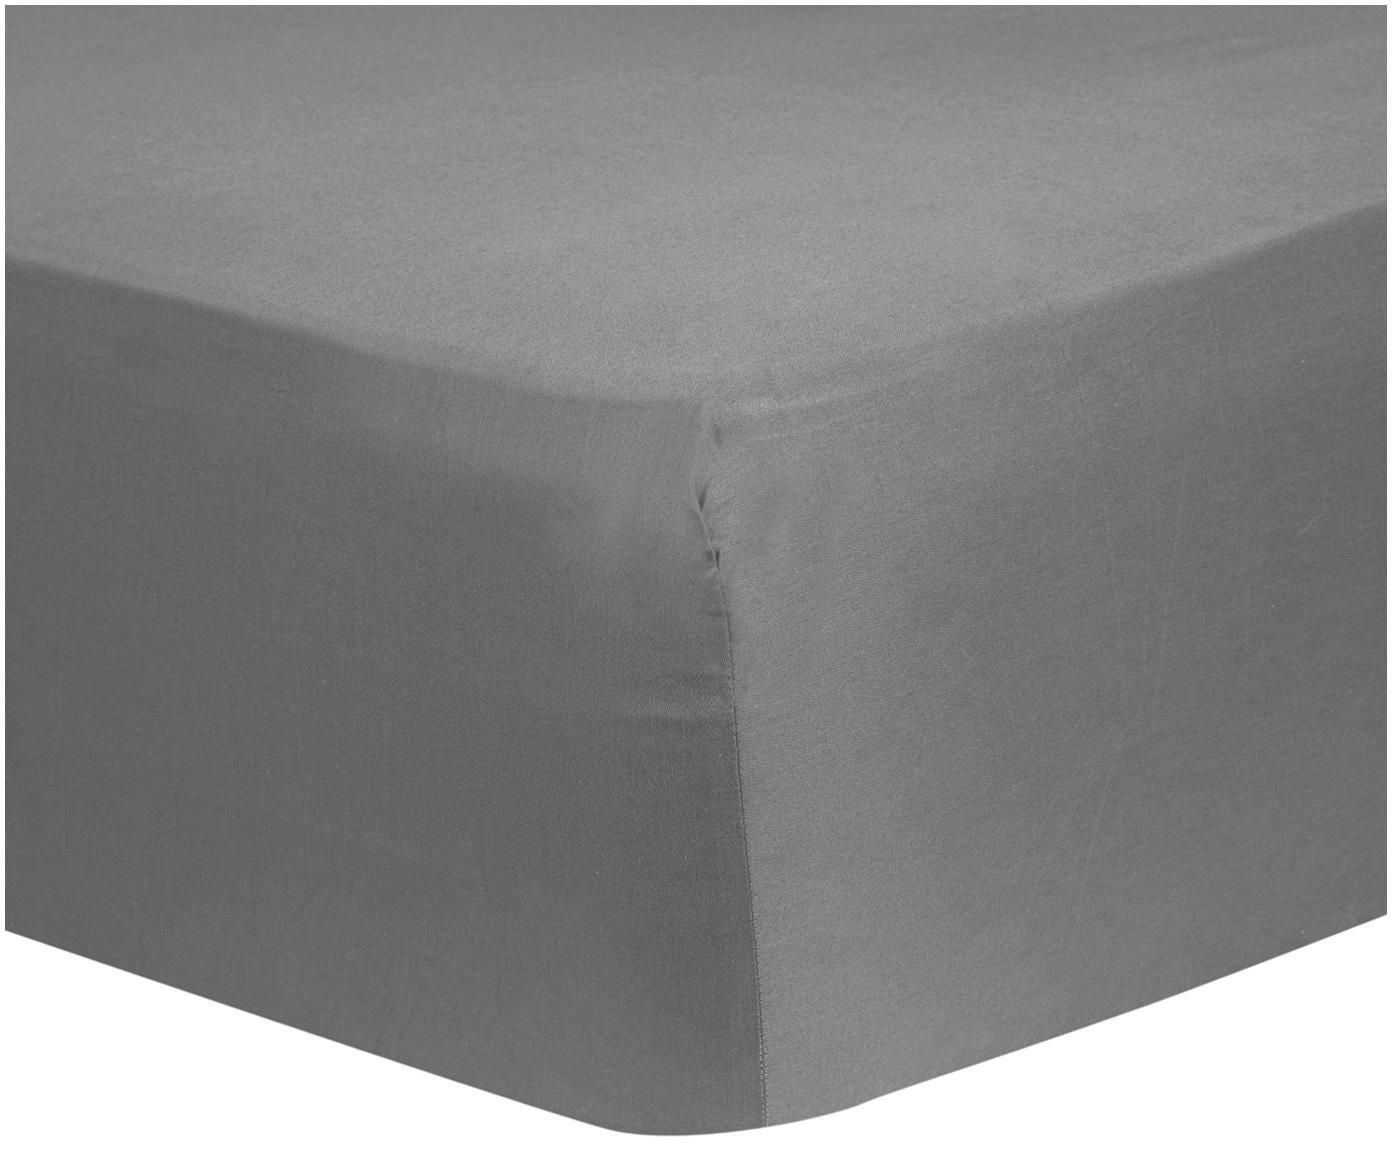 Boxspring hoeslaken Comfort, katoensatijn, Weeftechniek: satijn, licht glanzend, Donkergrijs, 200 x 200 cm